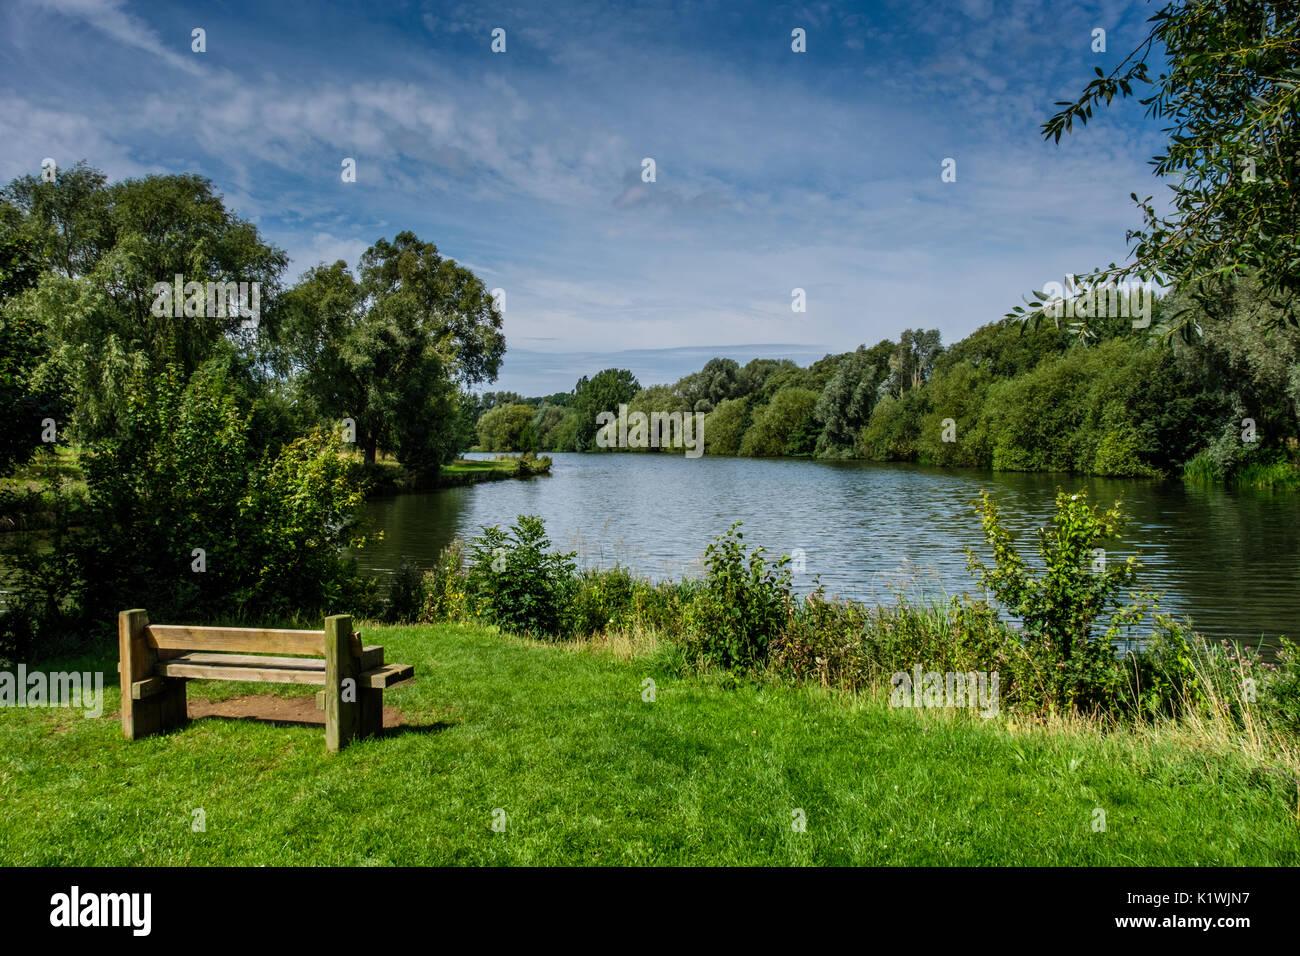 Peterborough Park Stock Photos & Peterborough Park Stock Images - Alamy